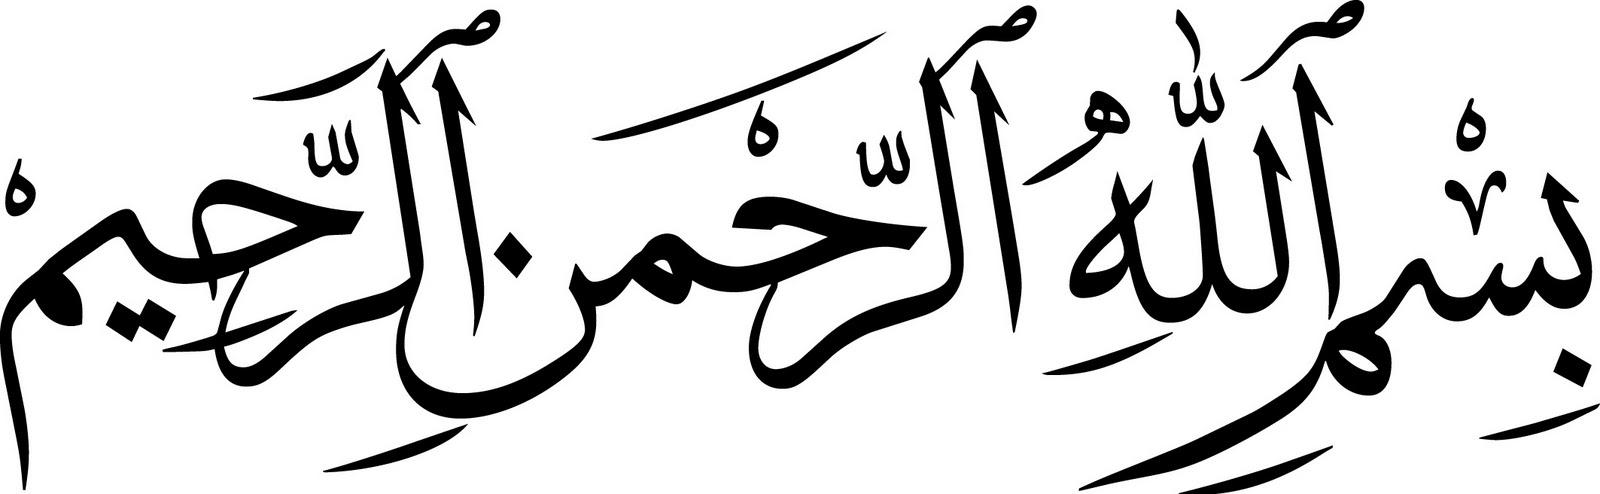 Bismillah Calligraphy Vector at GetDrawings.com.